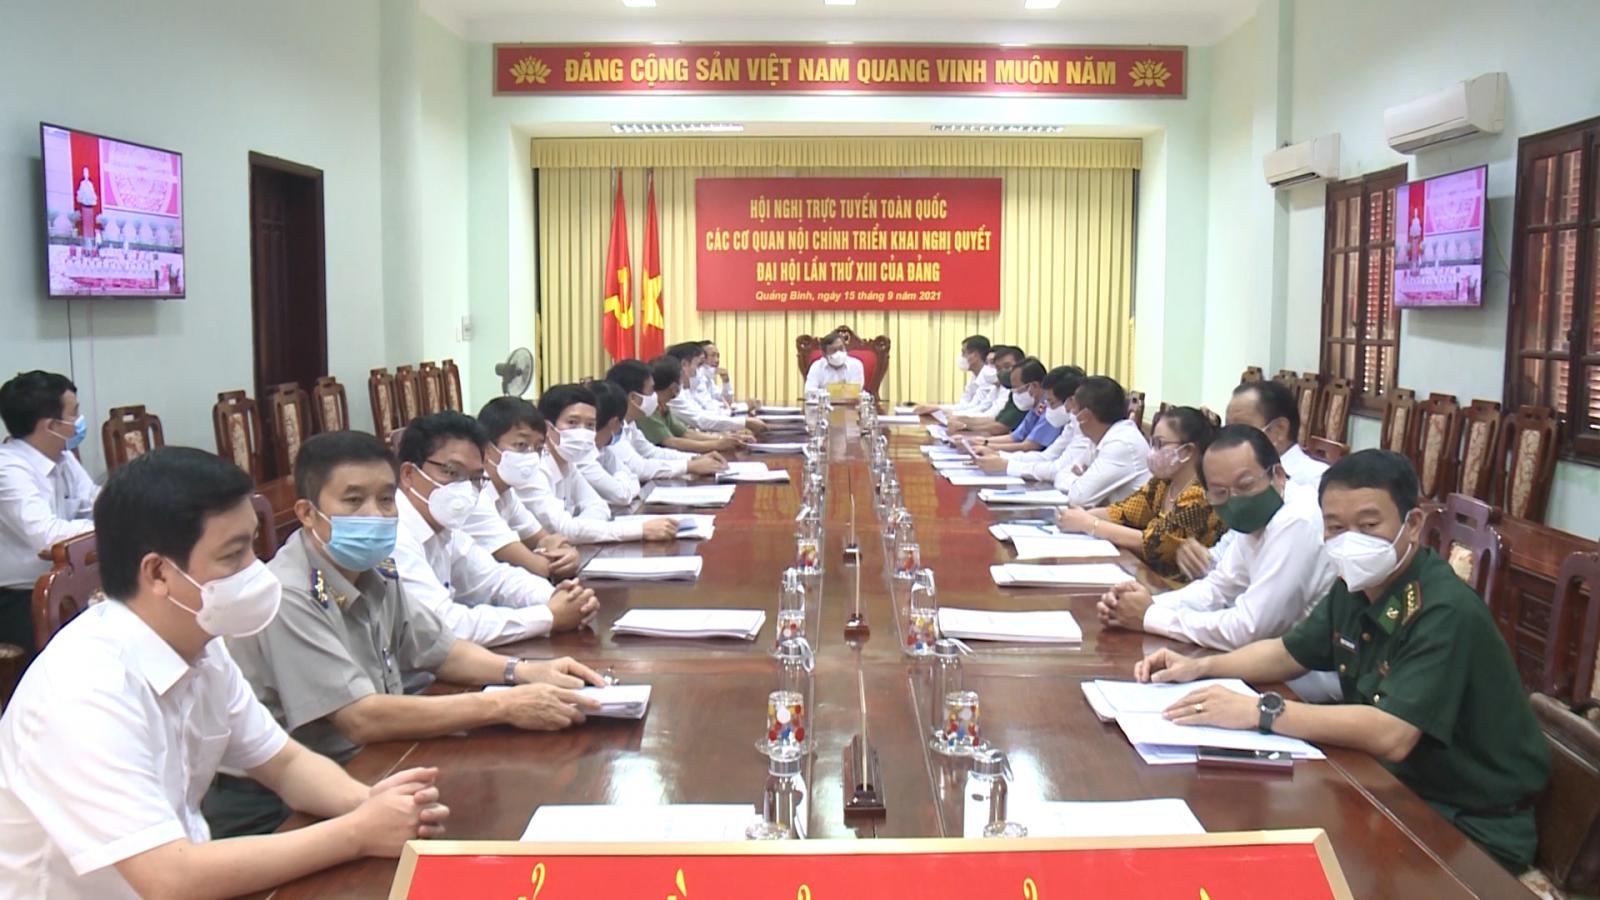 Các cơ quan Nội chính triển khai Nghị quyết Đại hội lần thứ XIII của Đảng